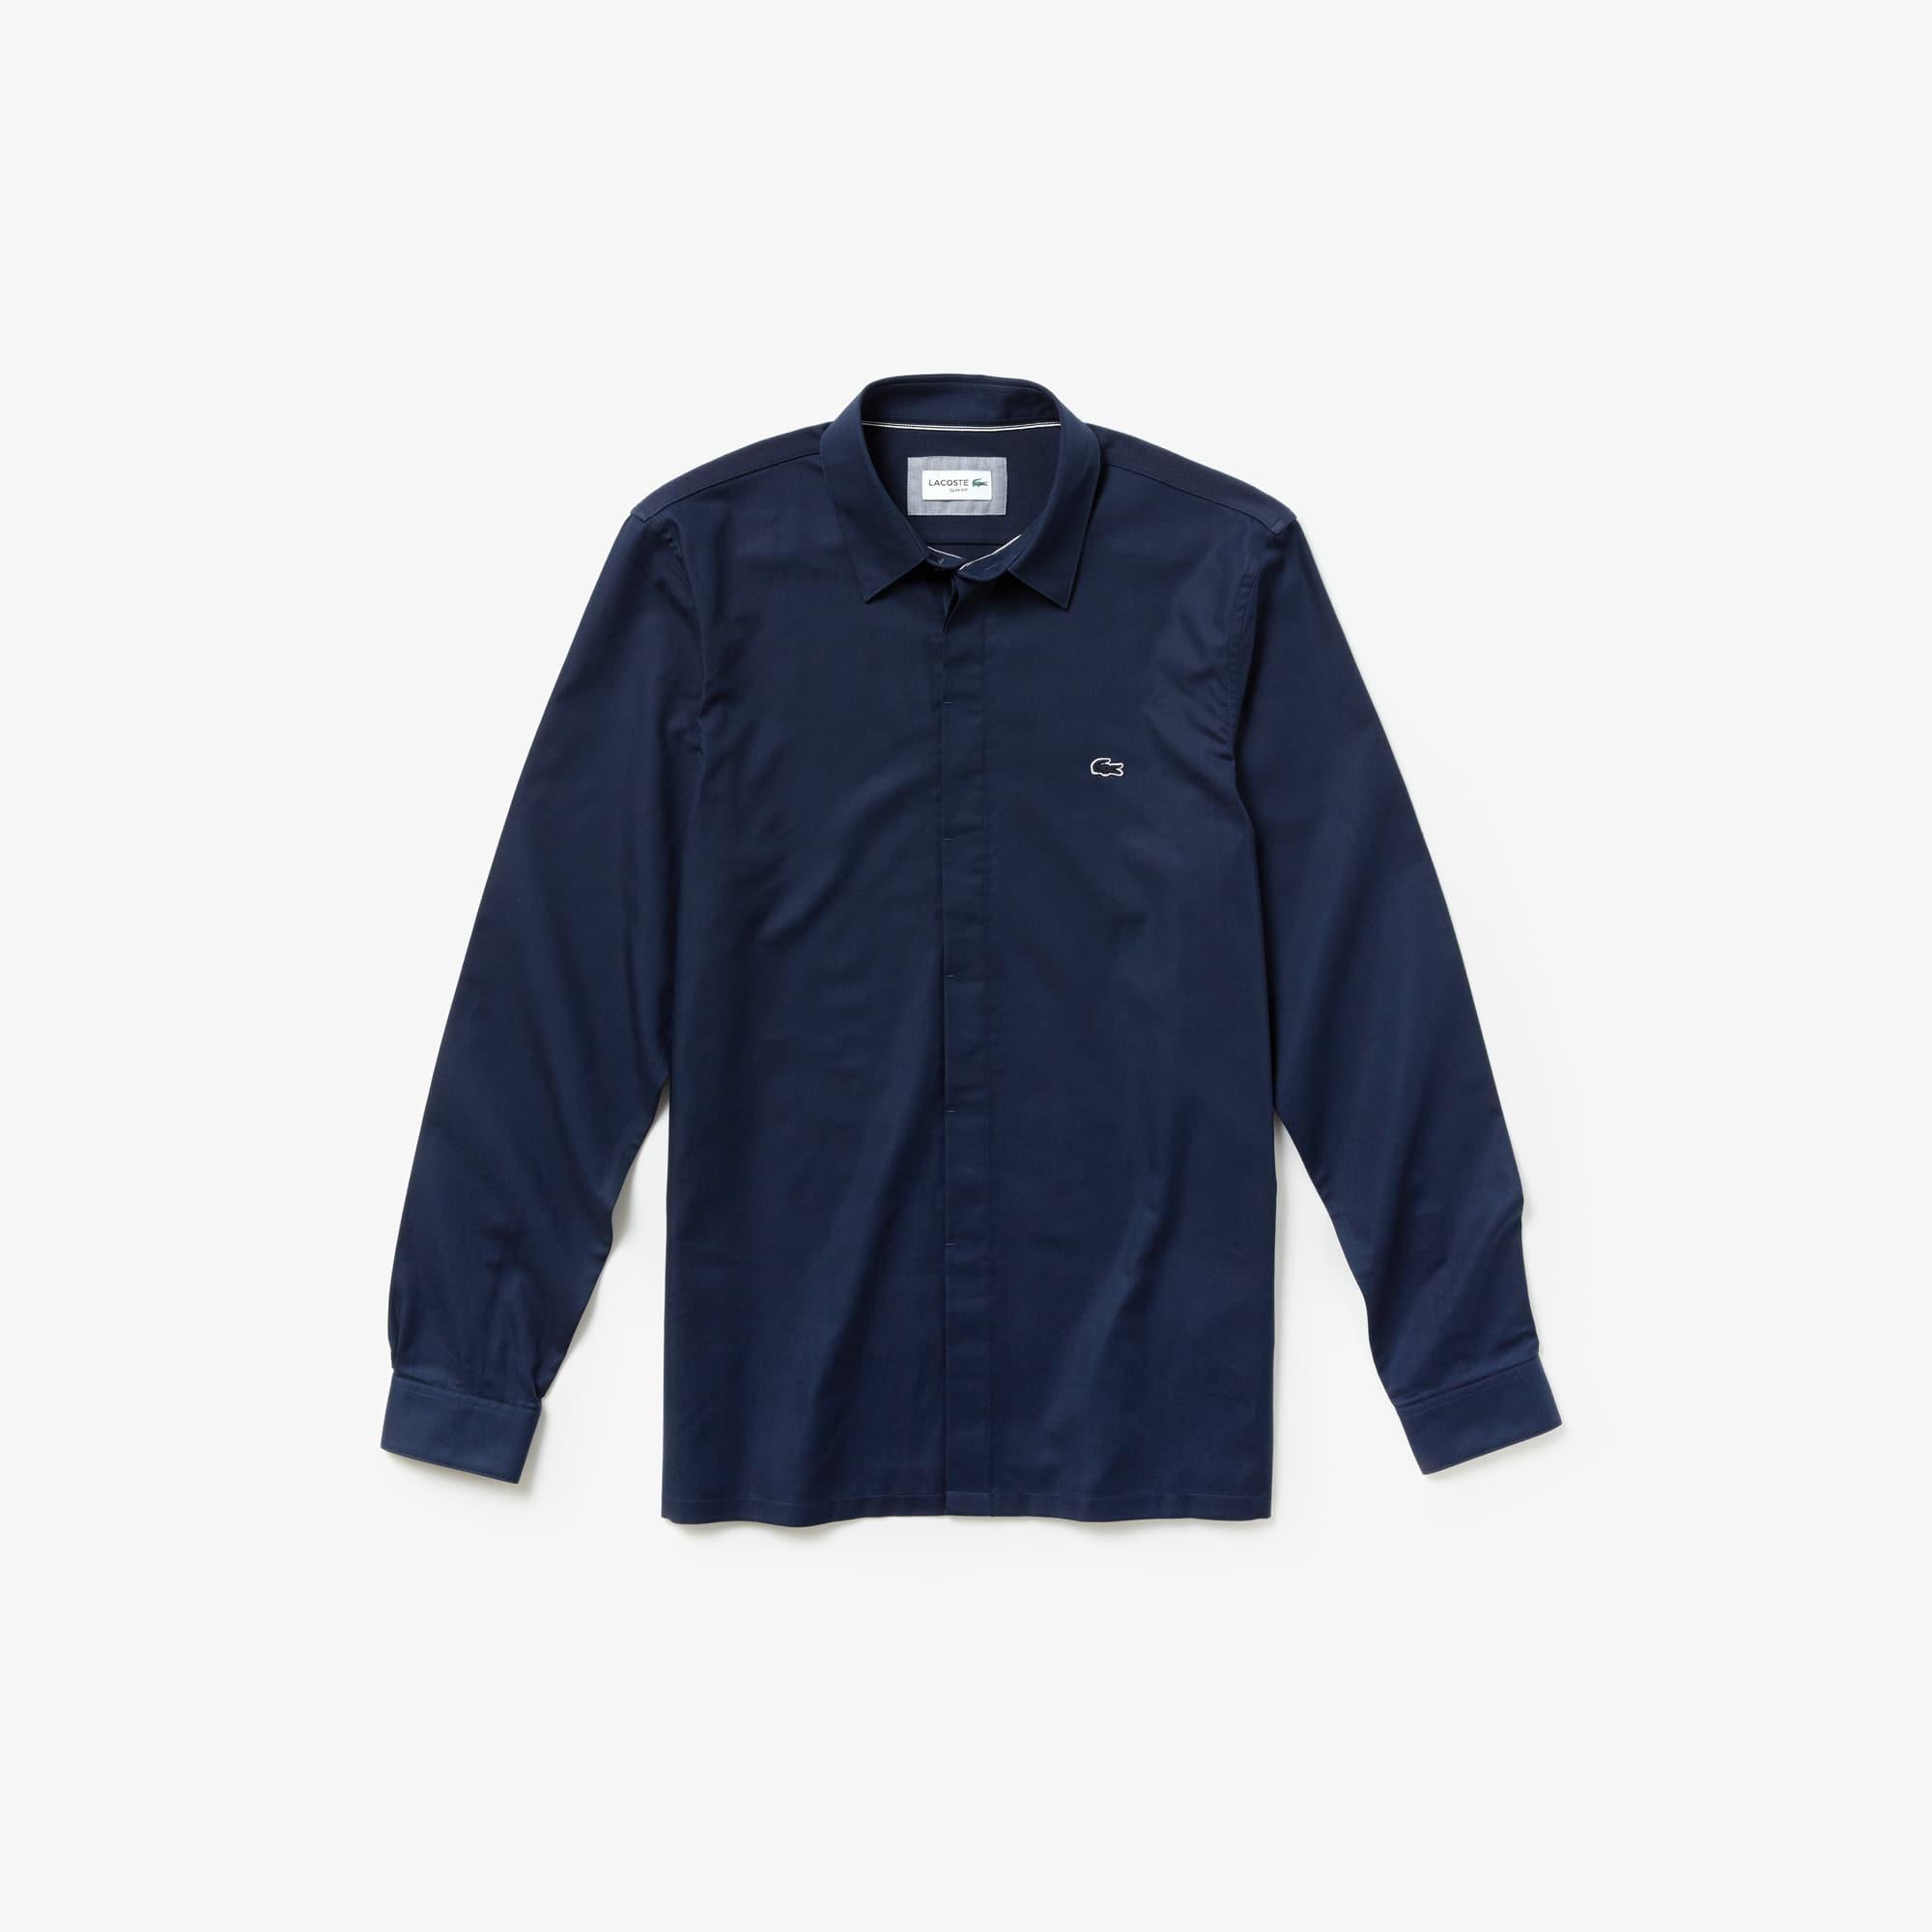 Lacoste MOTION-shirt heren slim fit katoenpiqué 6ed549585d